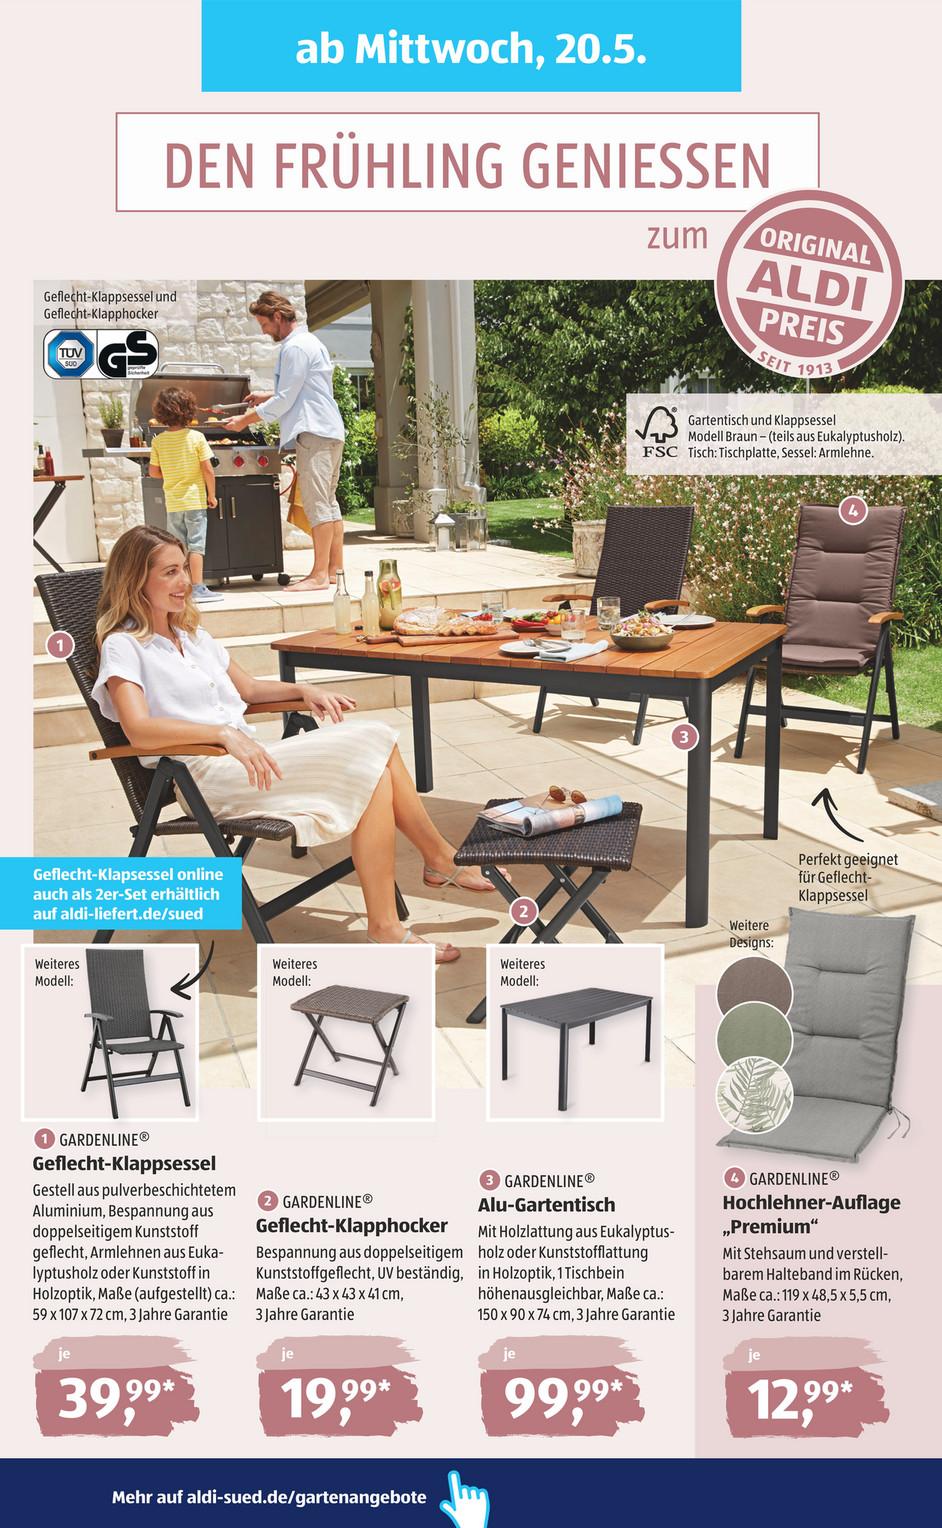 Full Size of Aldi Gartenbank Sd Kw21 20 Op Seite 26 27 Relaxsessel Garten Wohnzimmer Aldi Gartenbank